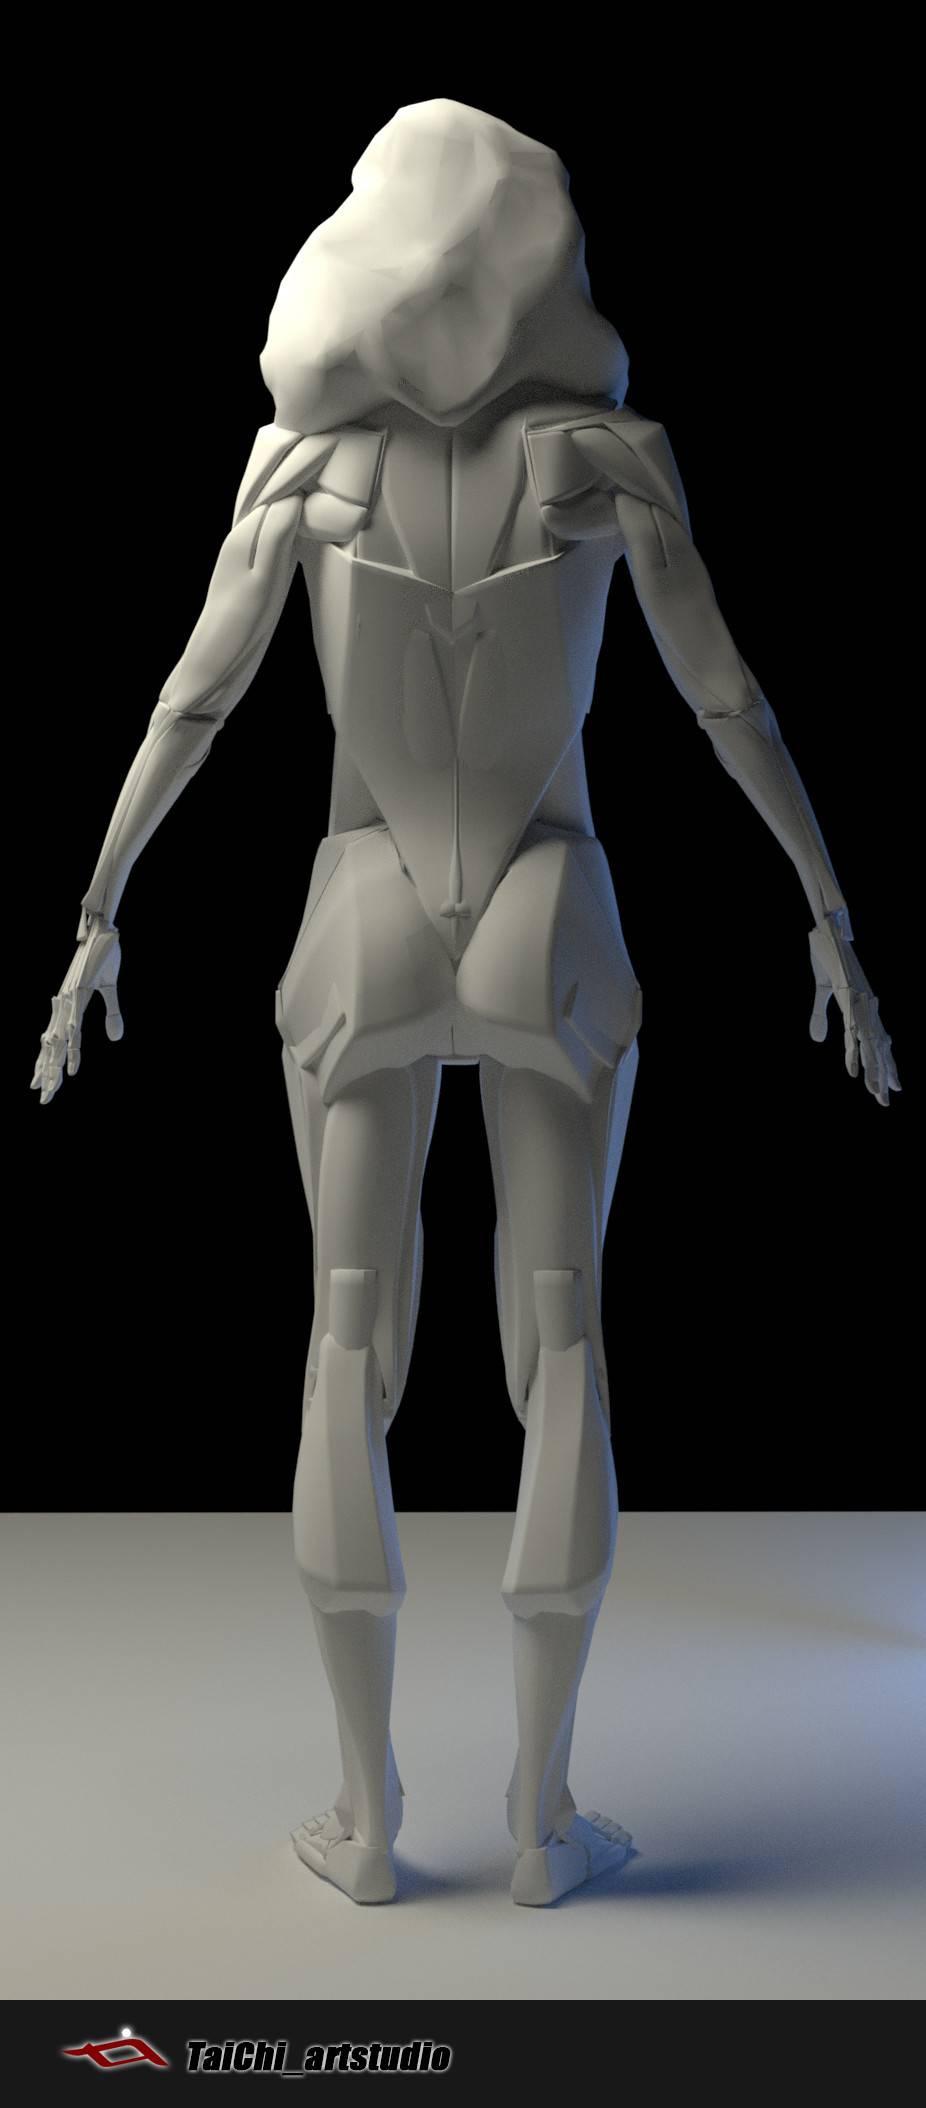 非常不错的人体分面图,美术练习的好东西! - R站|学习使我快乐! - 19